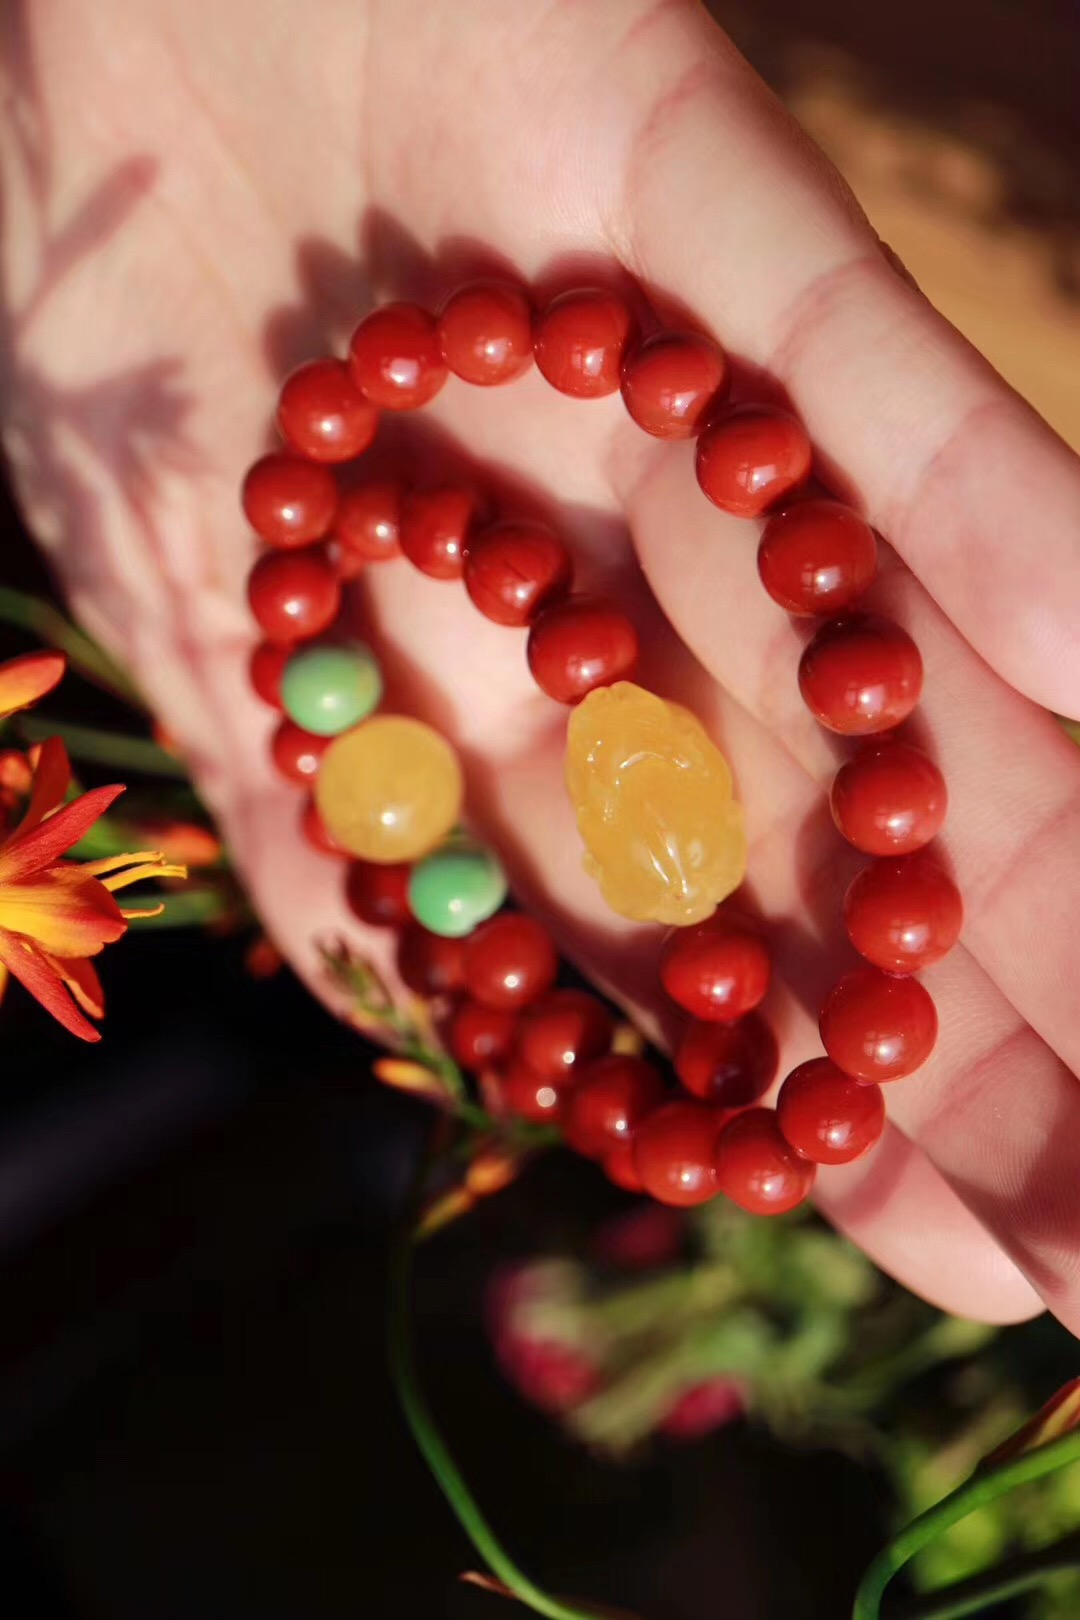 【菩心 | 南红玛瑙】阳光下的南红更具魅力-菩心晶舍